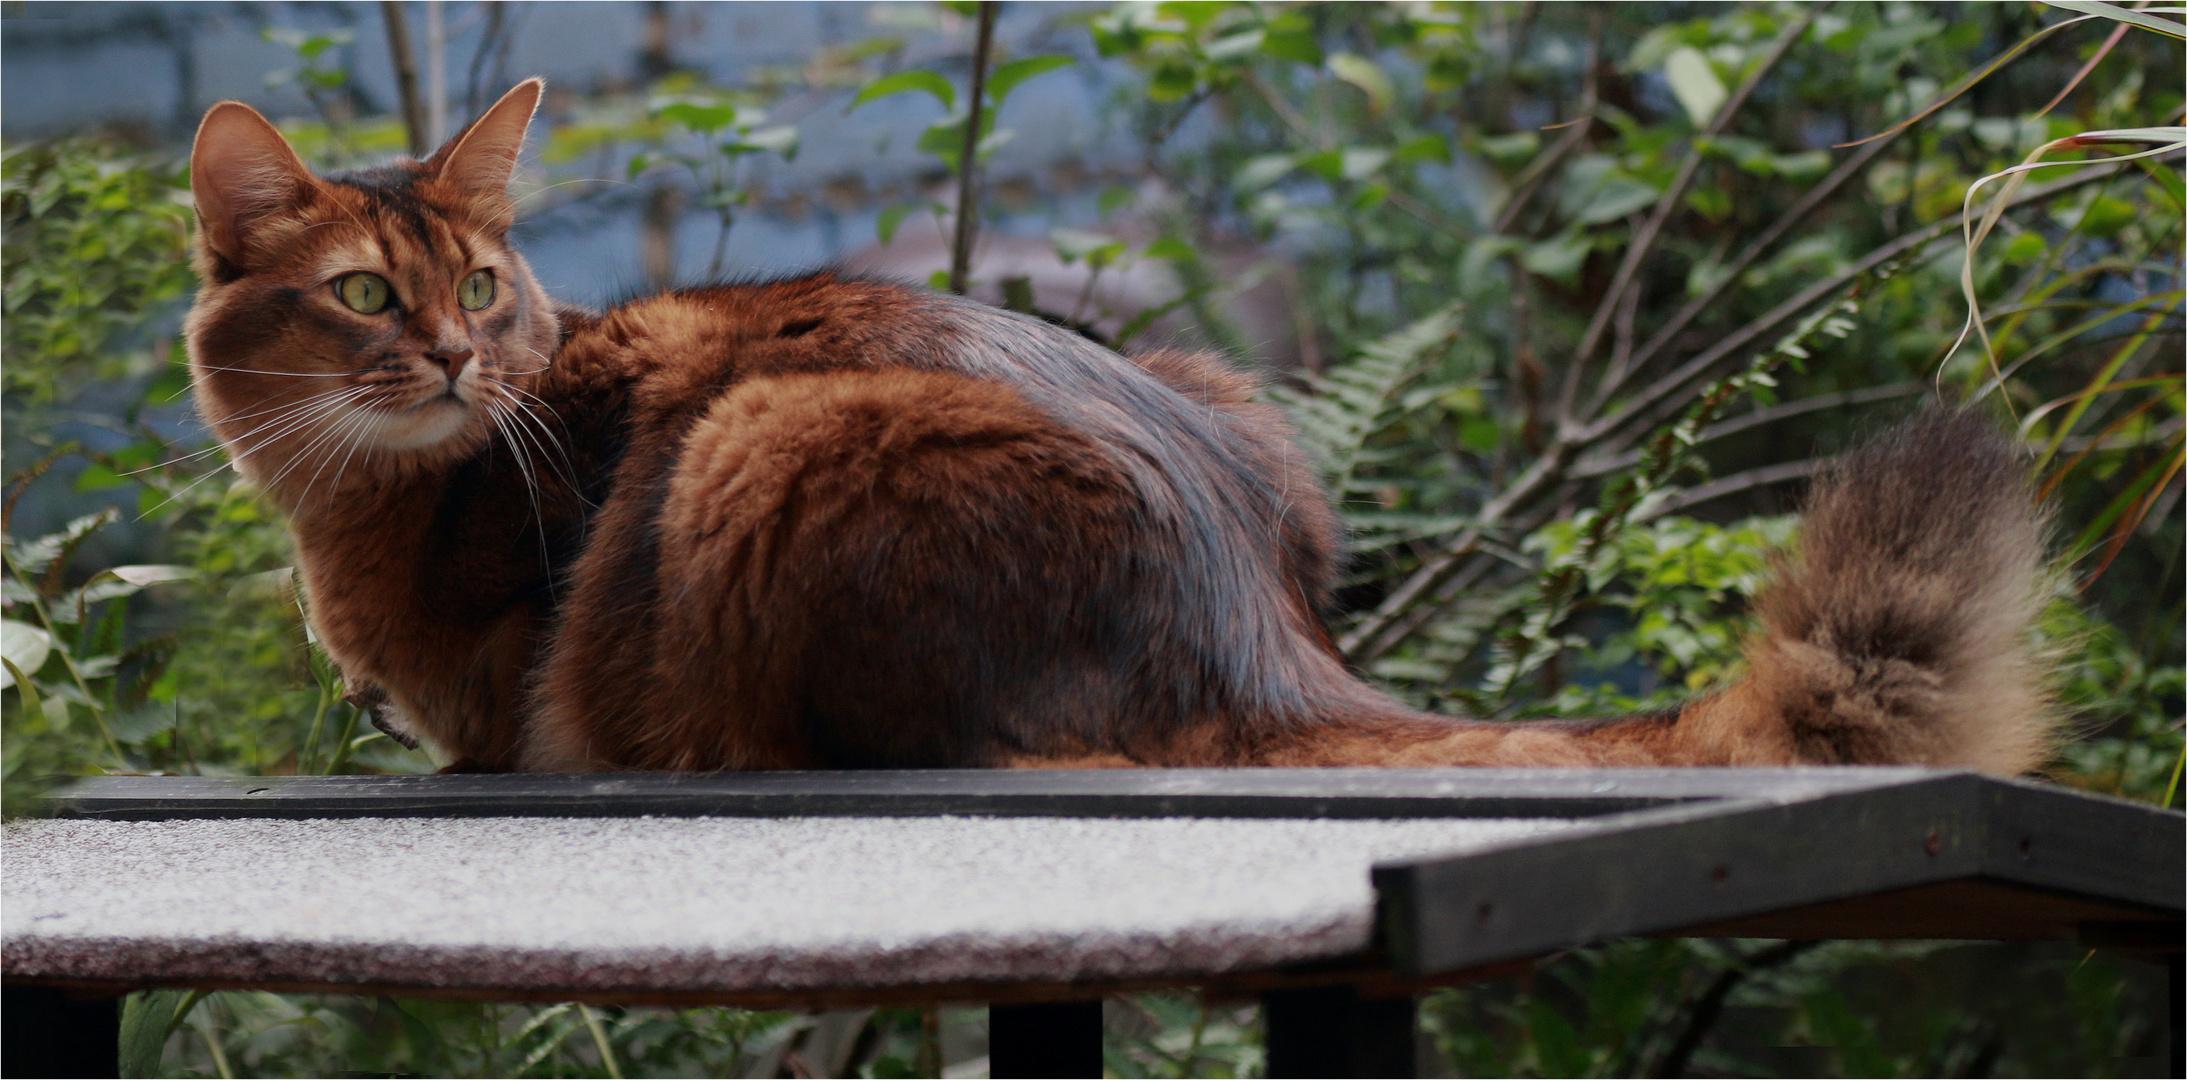 Samburu - die Katze auf dem heißen Blechdach ...